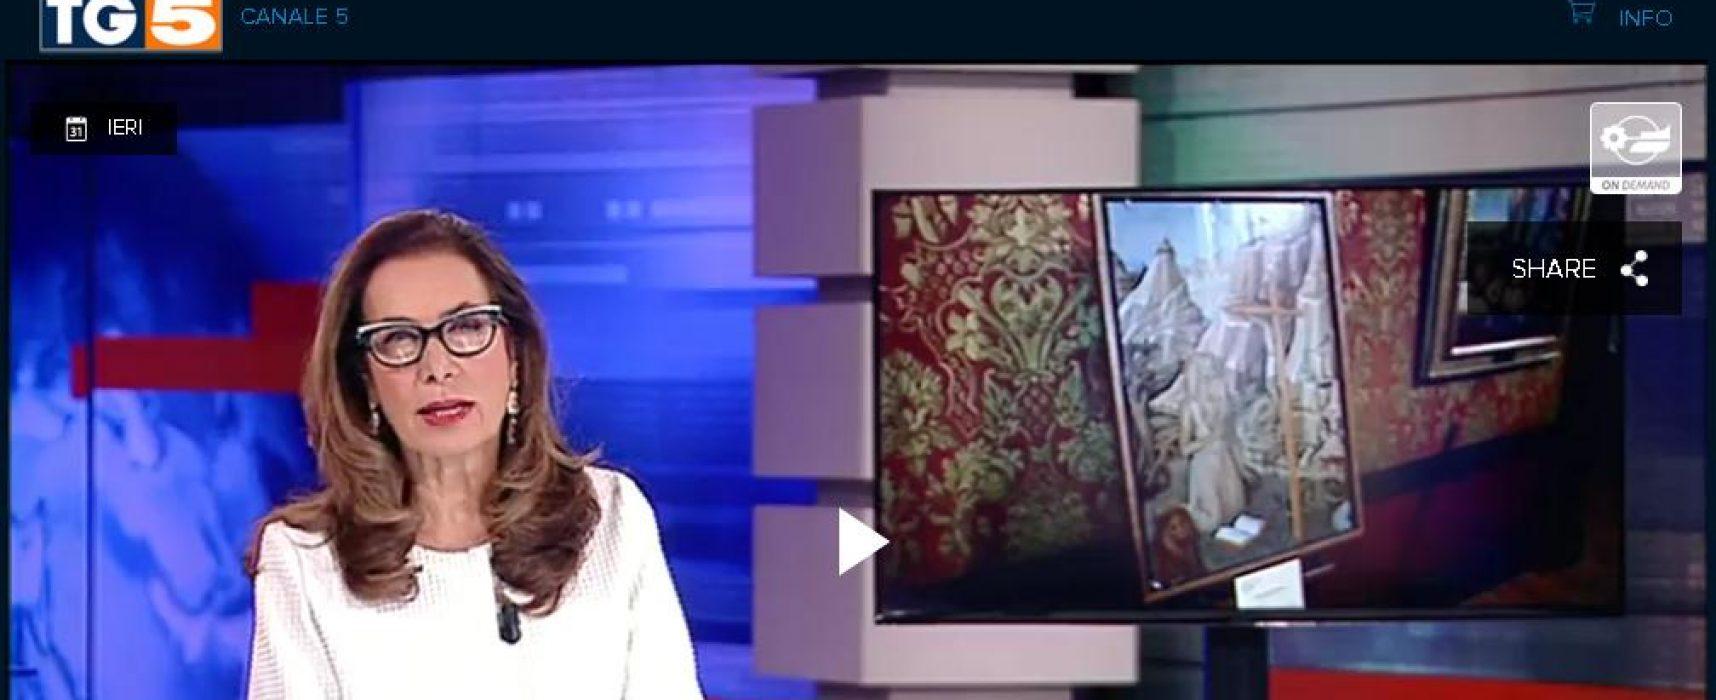 TG5 quadri di Castelvecchio rubati dagli ucraini (Fake)